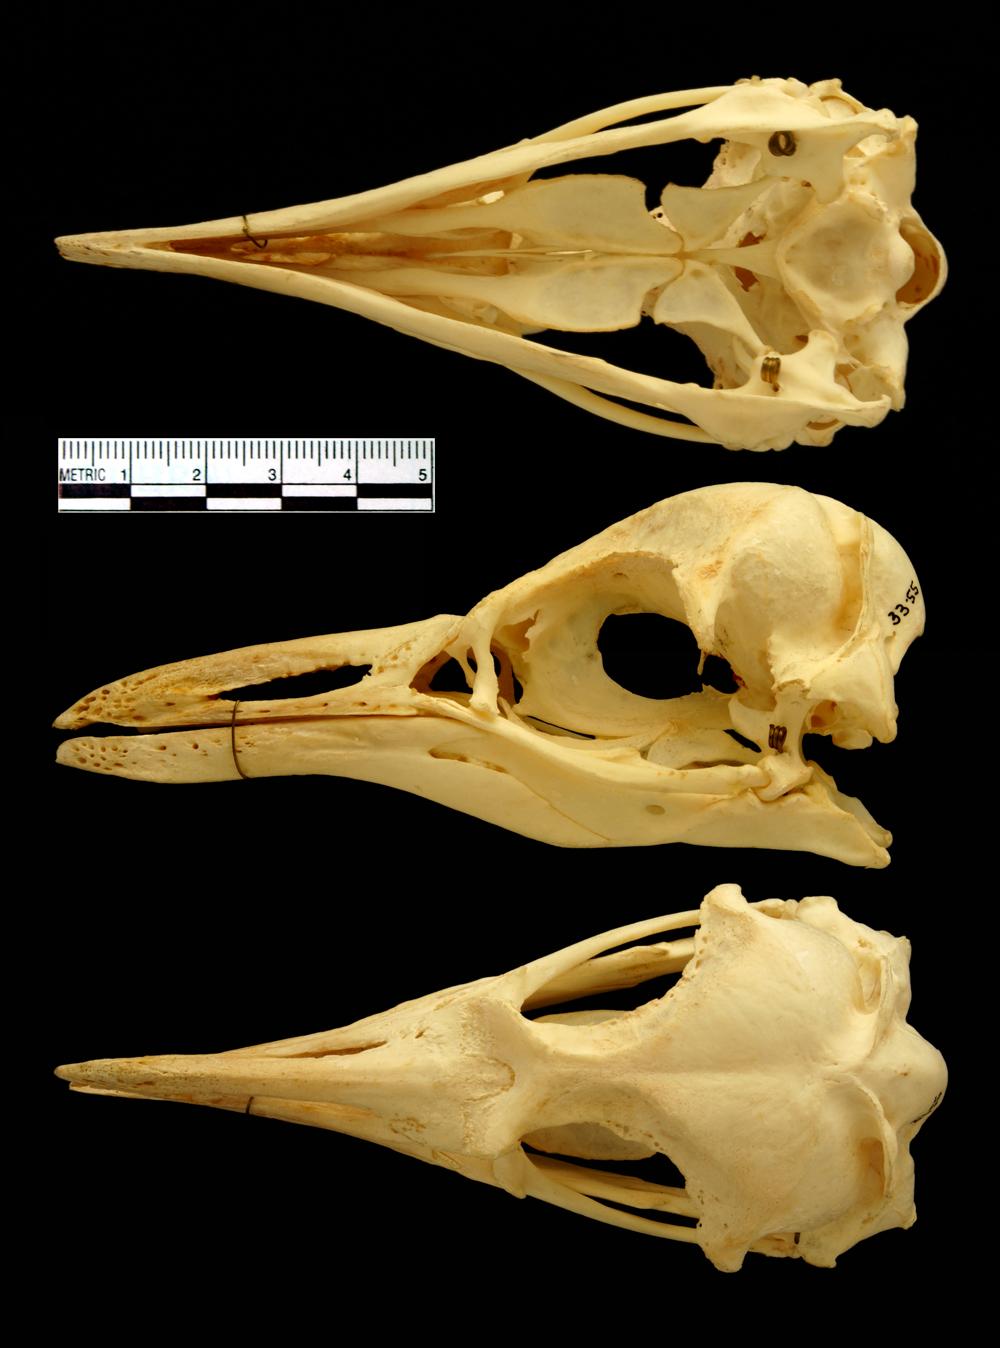 Bird Skull Top